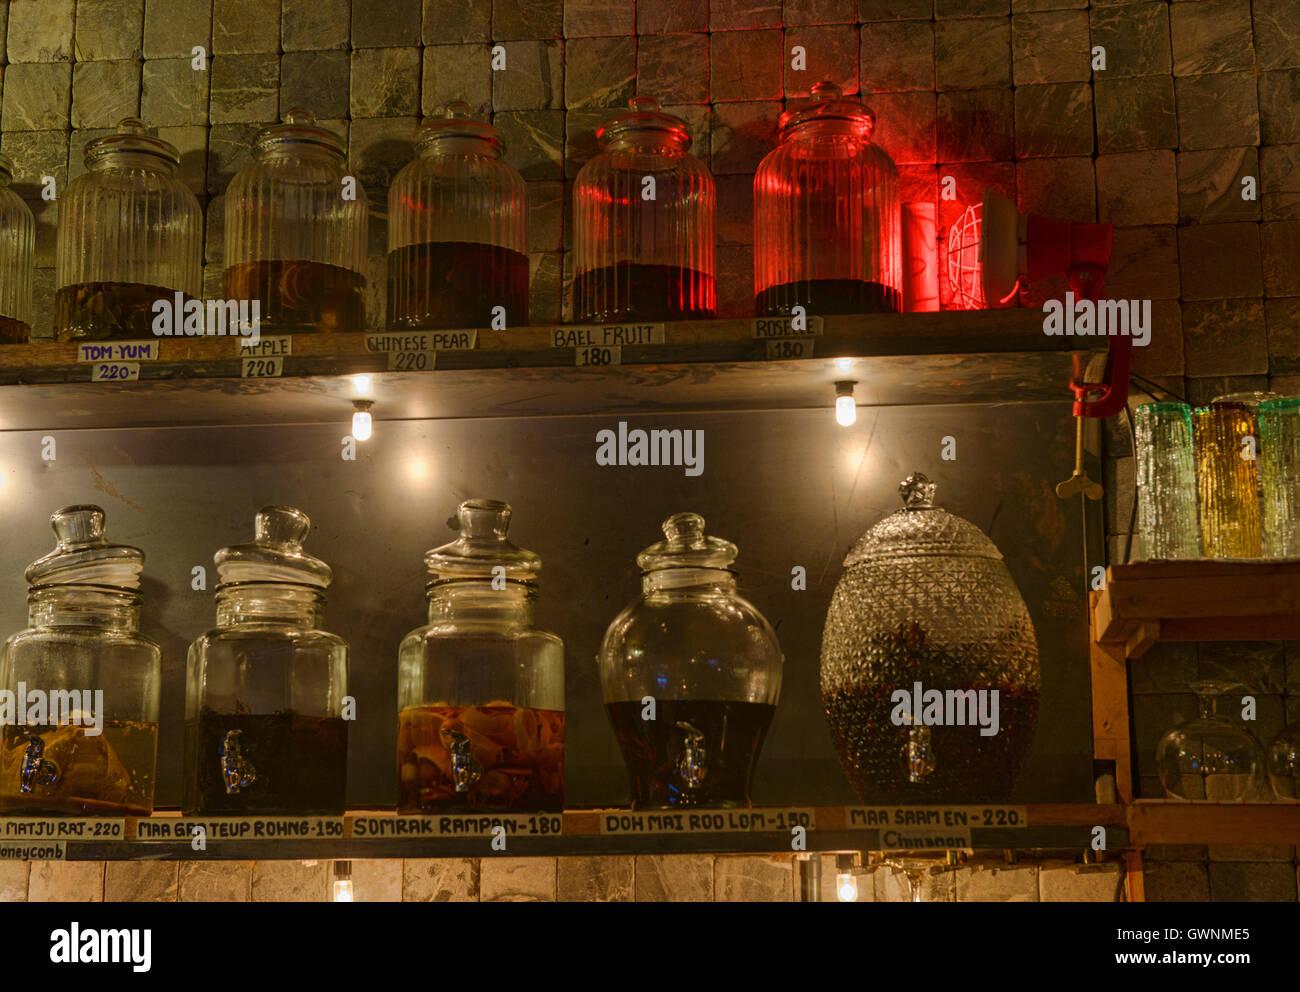 Pots de ya dong (Thai alcools blancs avec des plantes médicinales) dans un bar à Bangkok, Thaïlande Photo Stock